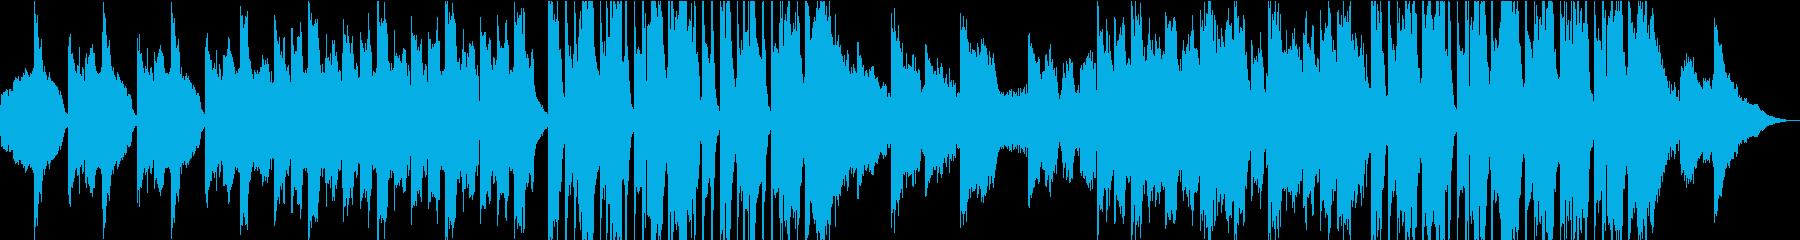 ダークでホラーな曲の再生済みの波形